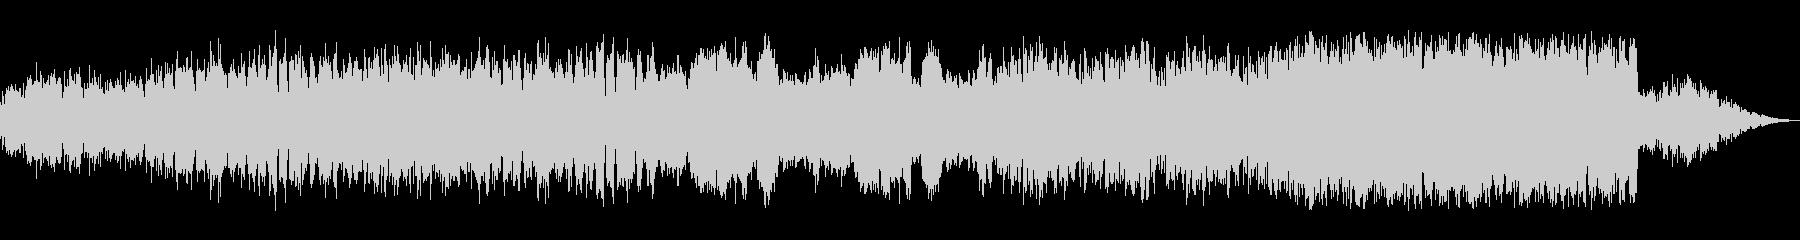 ストリングス中心の壮大オーケストラ曲の未再生の波形